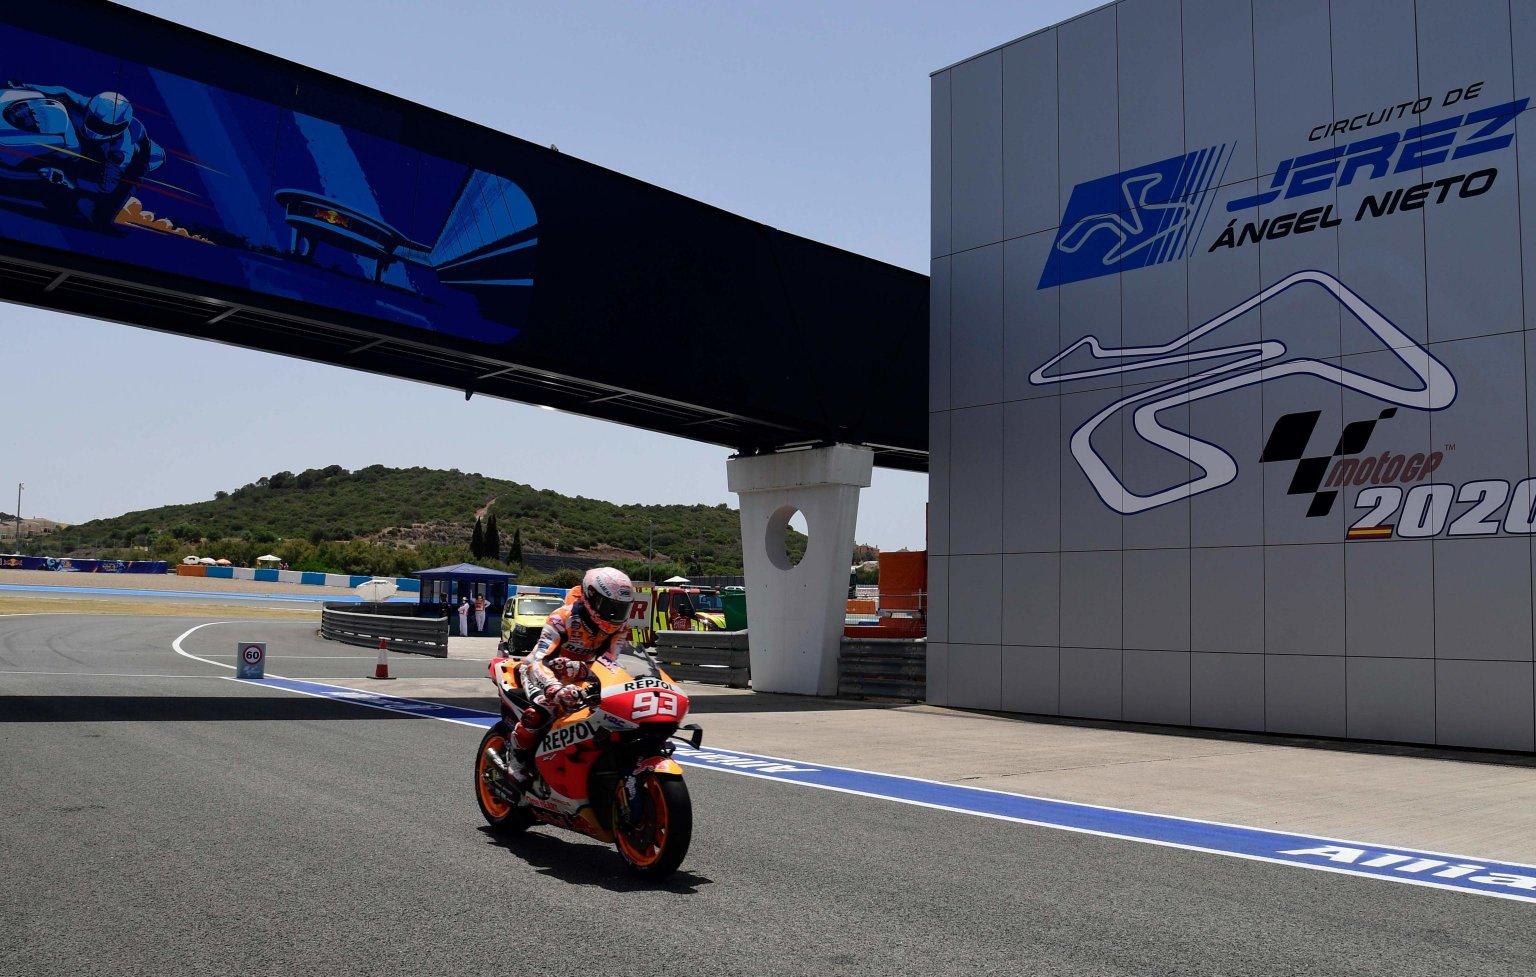 MotoGP Spagna 2020, Qualifiche - Diretta Sky Sport e DAZN, differita TV8